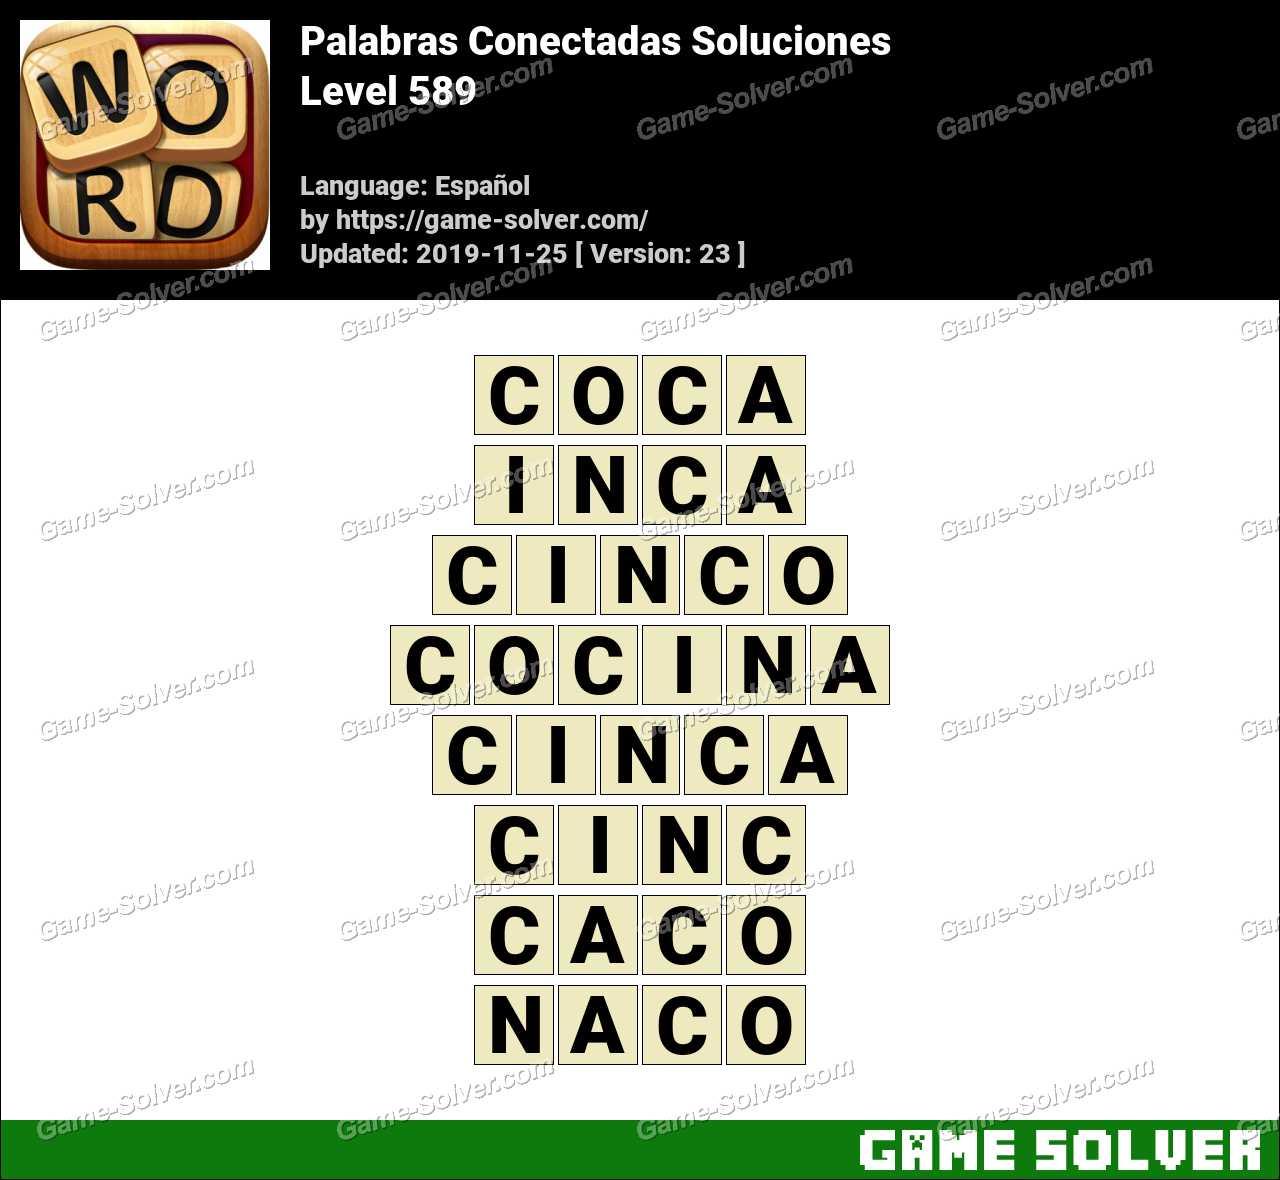 Palabras Conectadas Nivel 589 Soluciones